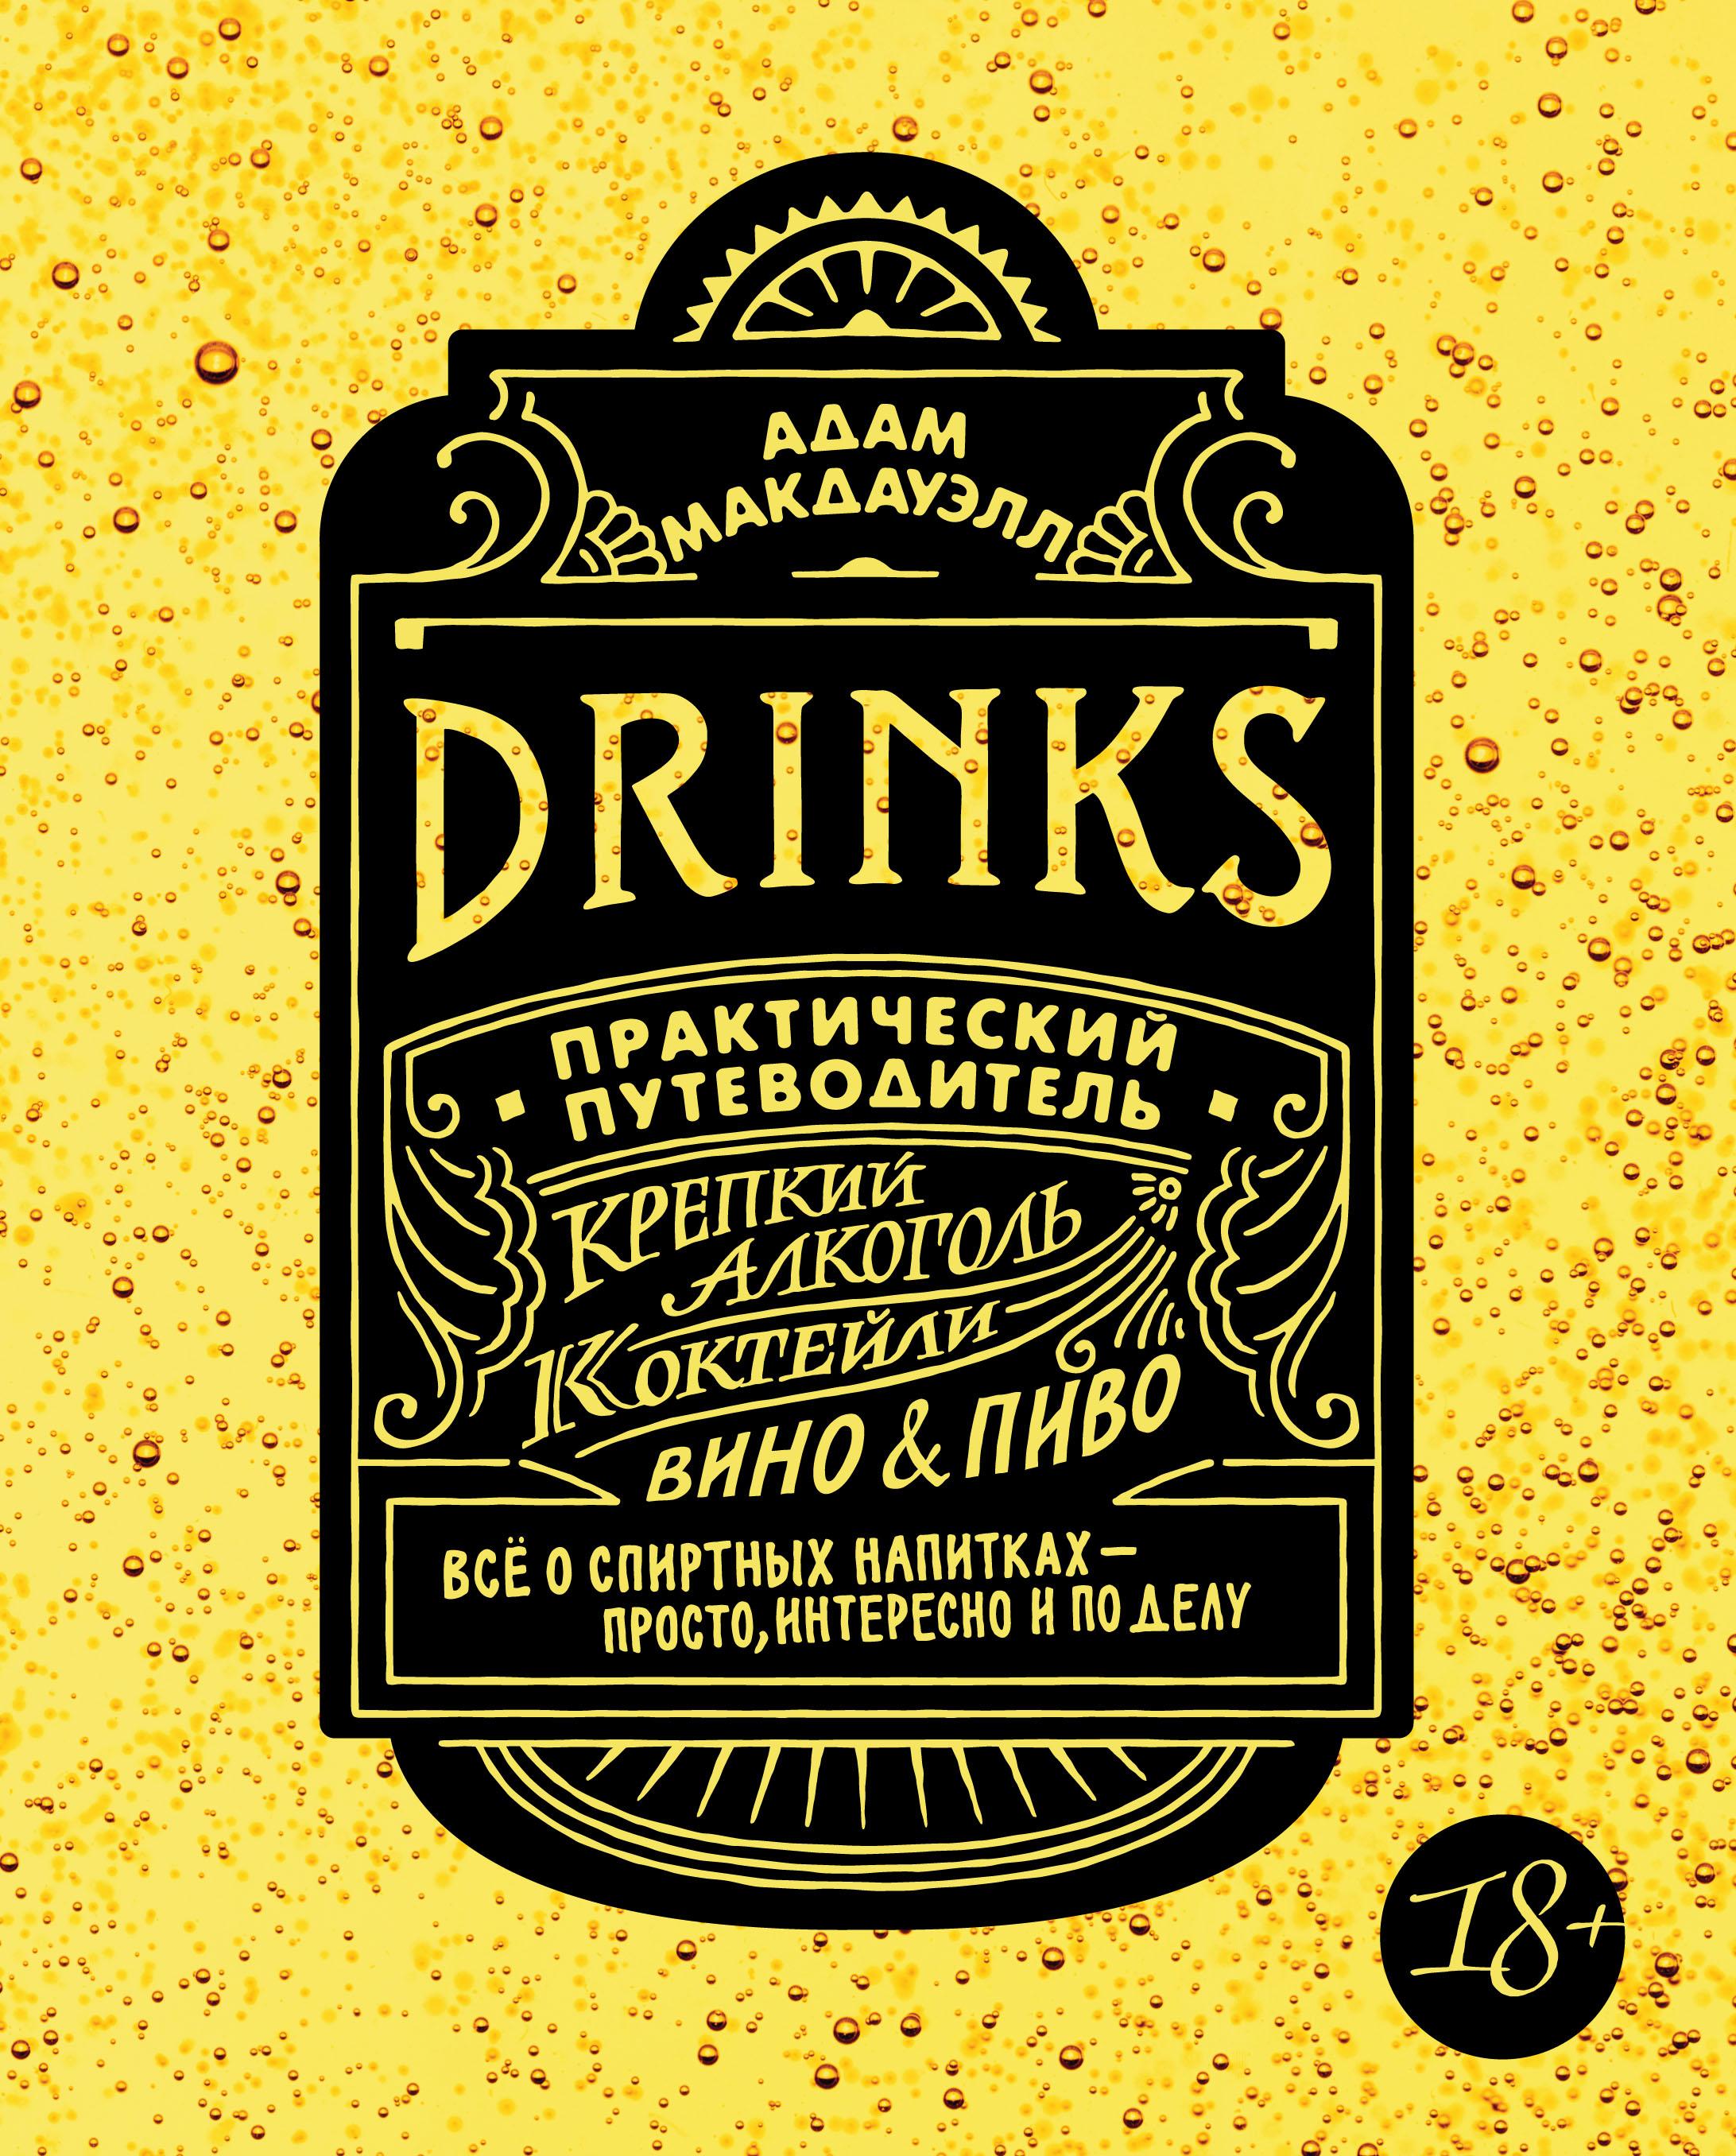 Drinks. Крепкий алкоголь. Коктейли. Вино & пиво. Практический путеводитель (нов.оф.)